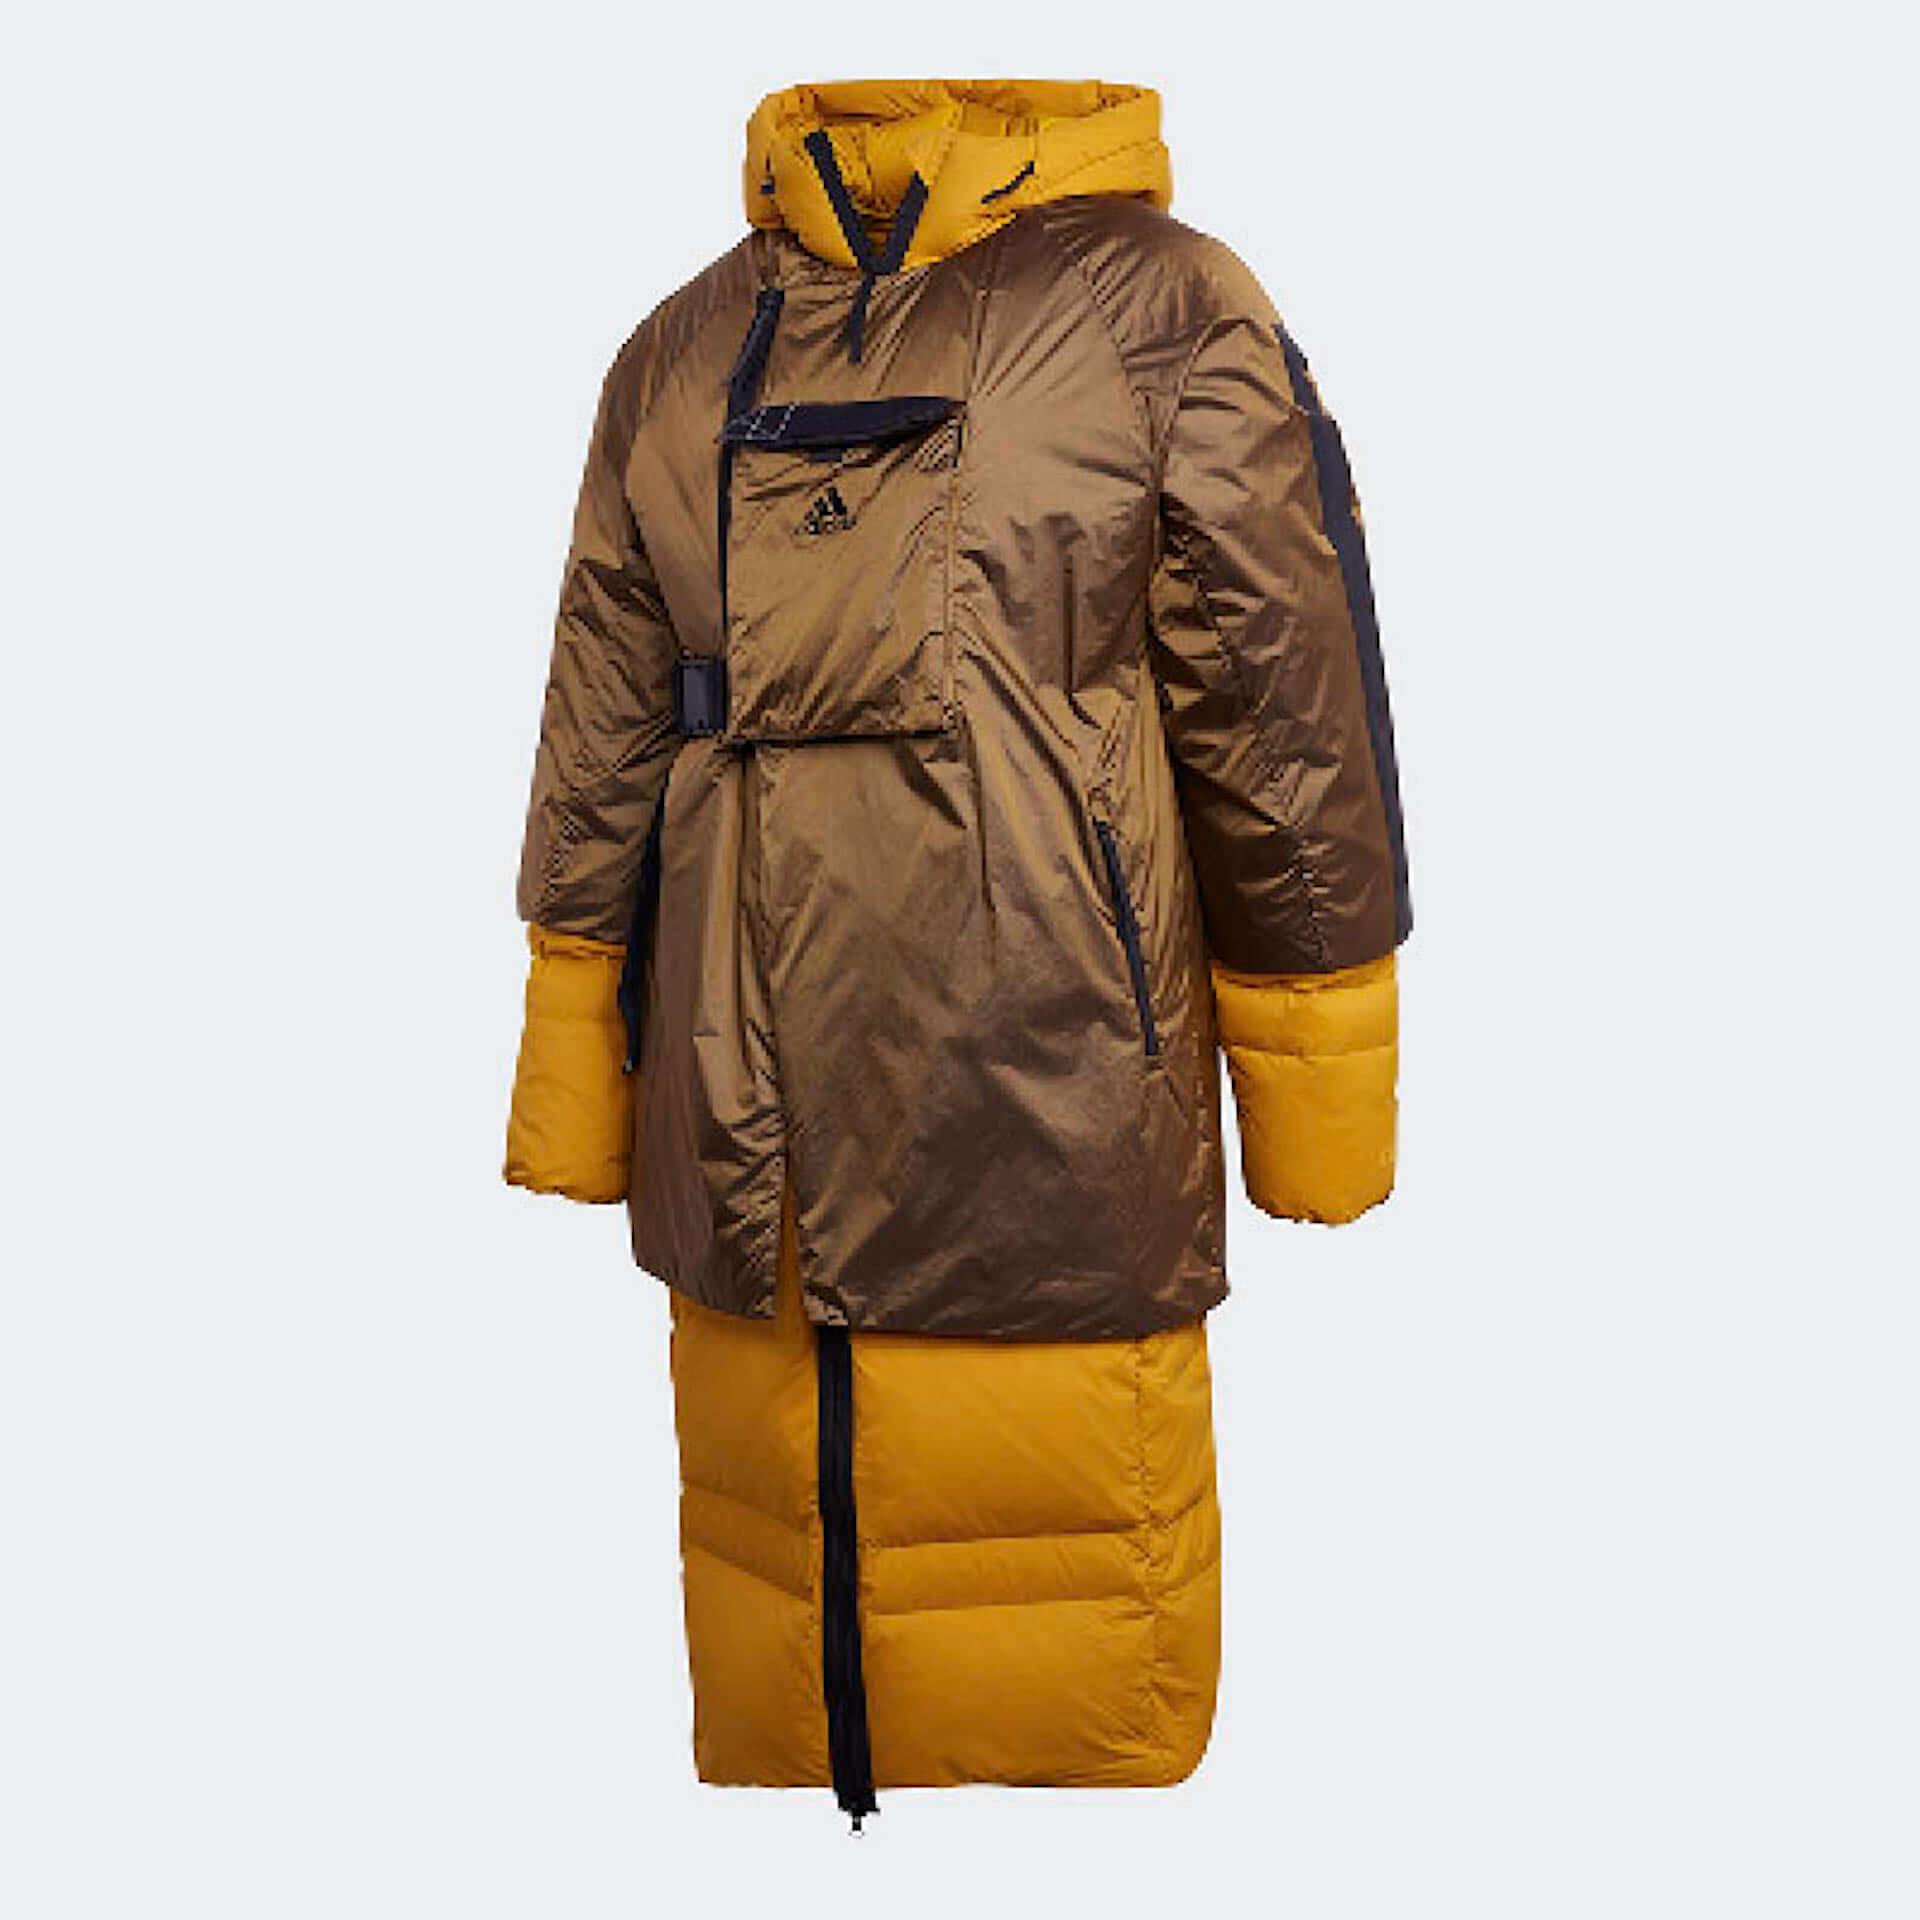 アディダスが2020年秋冬コレクション「adidas COLD. RDY」を発表!暖かさを保つスポーツウェア、シューズなど多数展開 lf201009_adidas_15-1920x1920